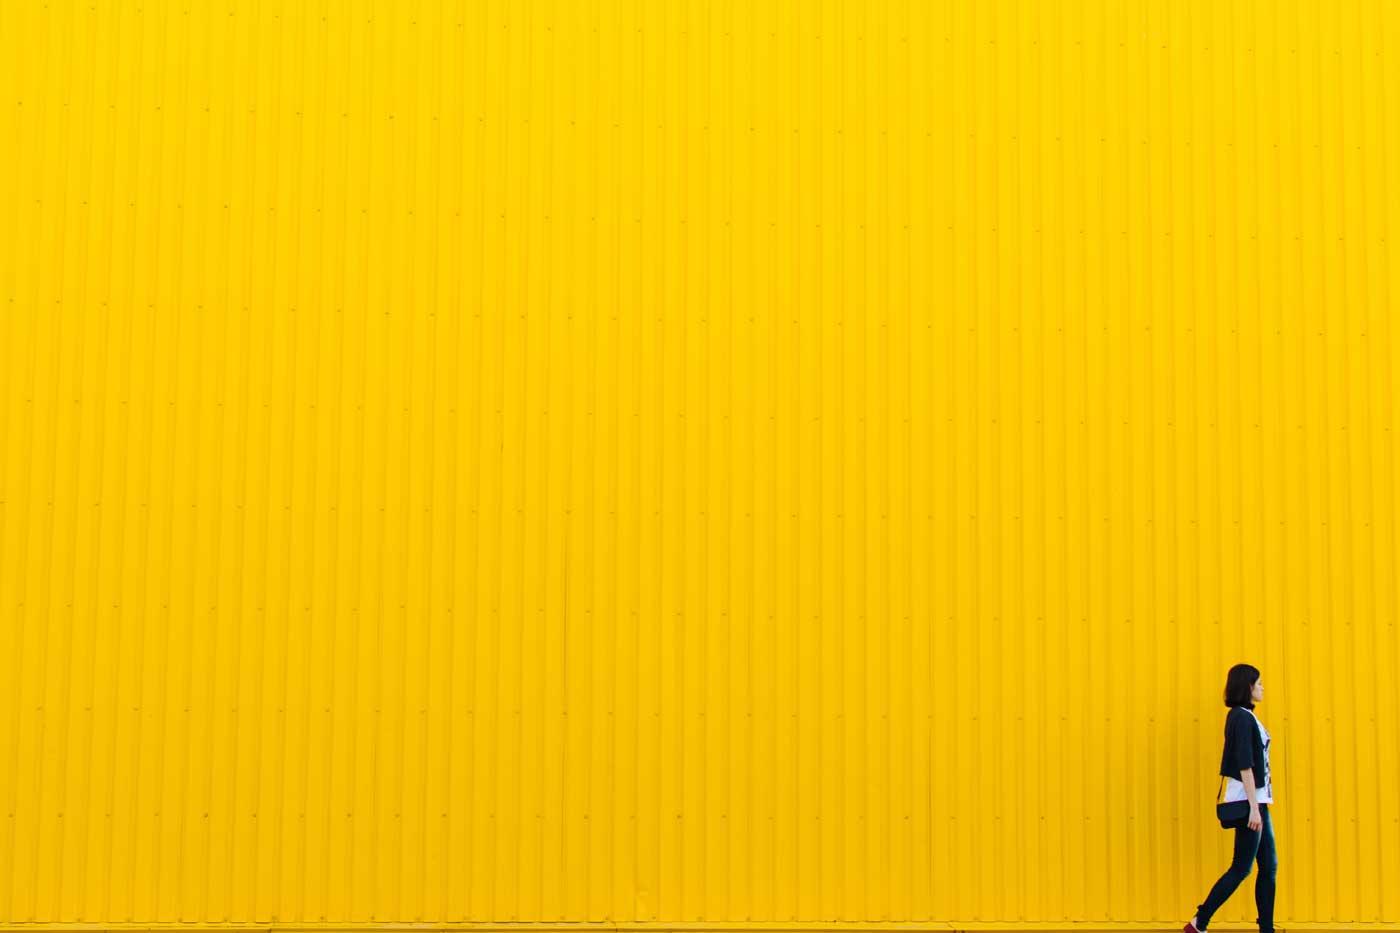 malutka sylwetka idącej kobiety na tle żółtego budynku